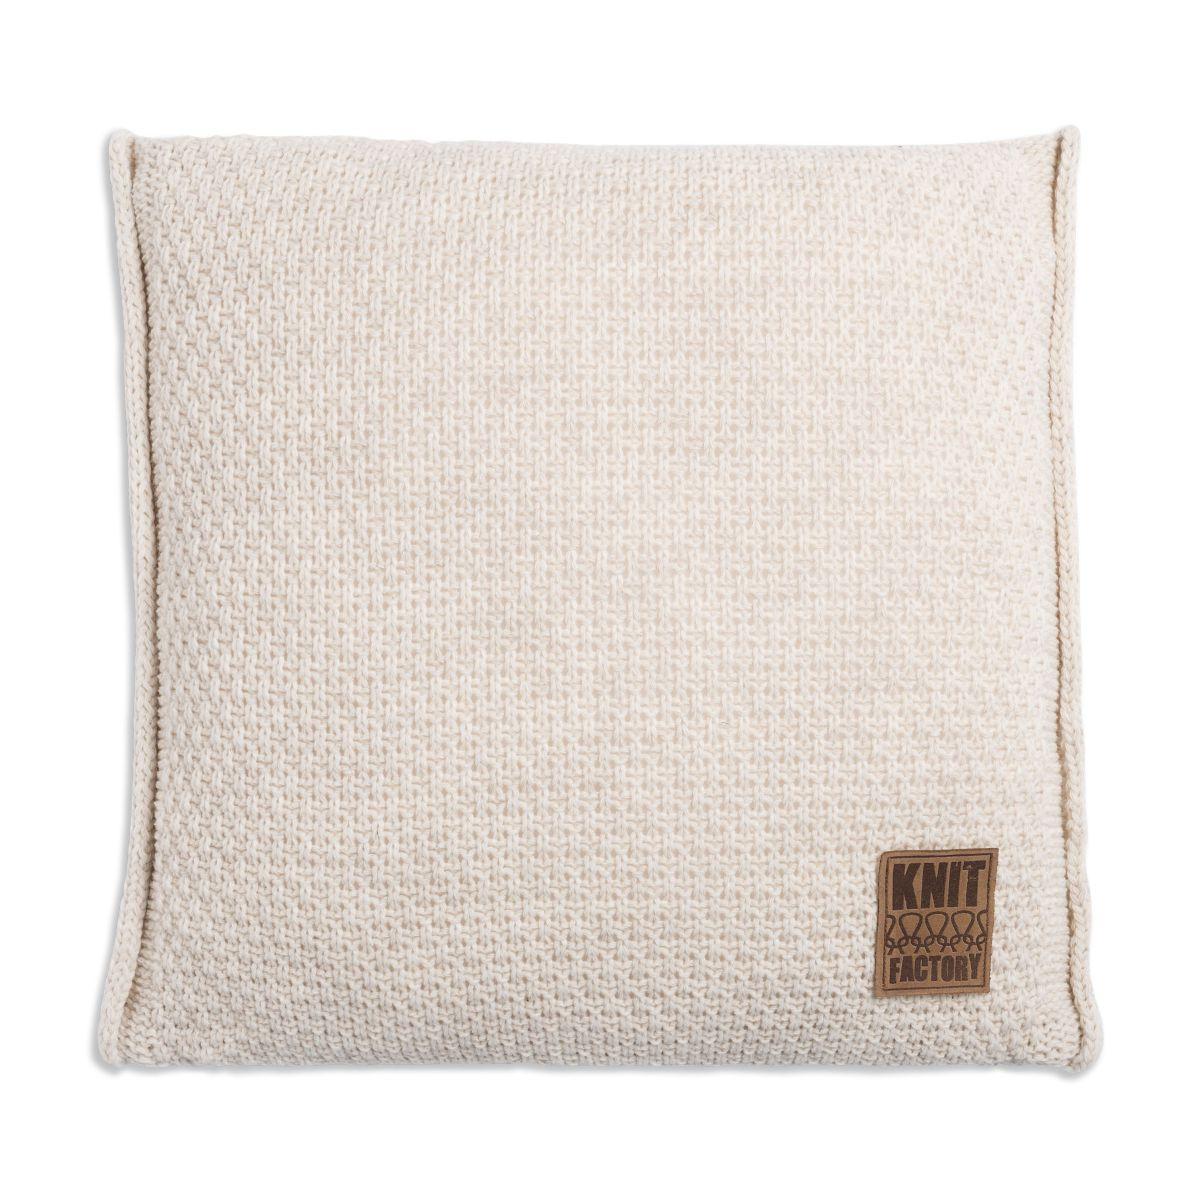 knit factory 1091212 kussen 50x50 jesse beige1